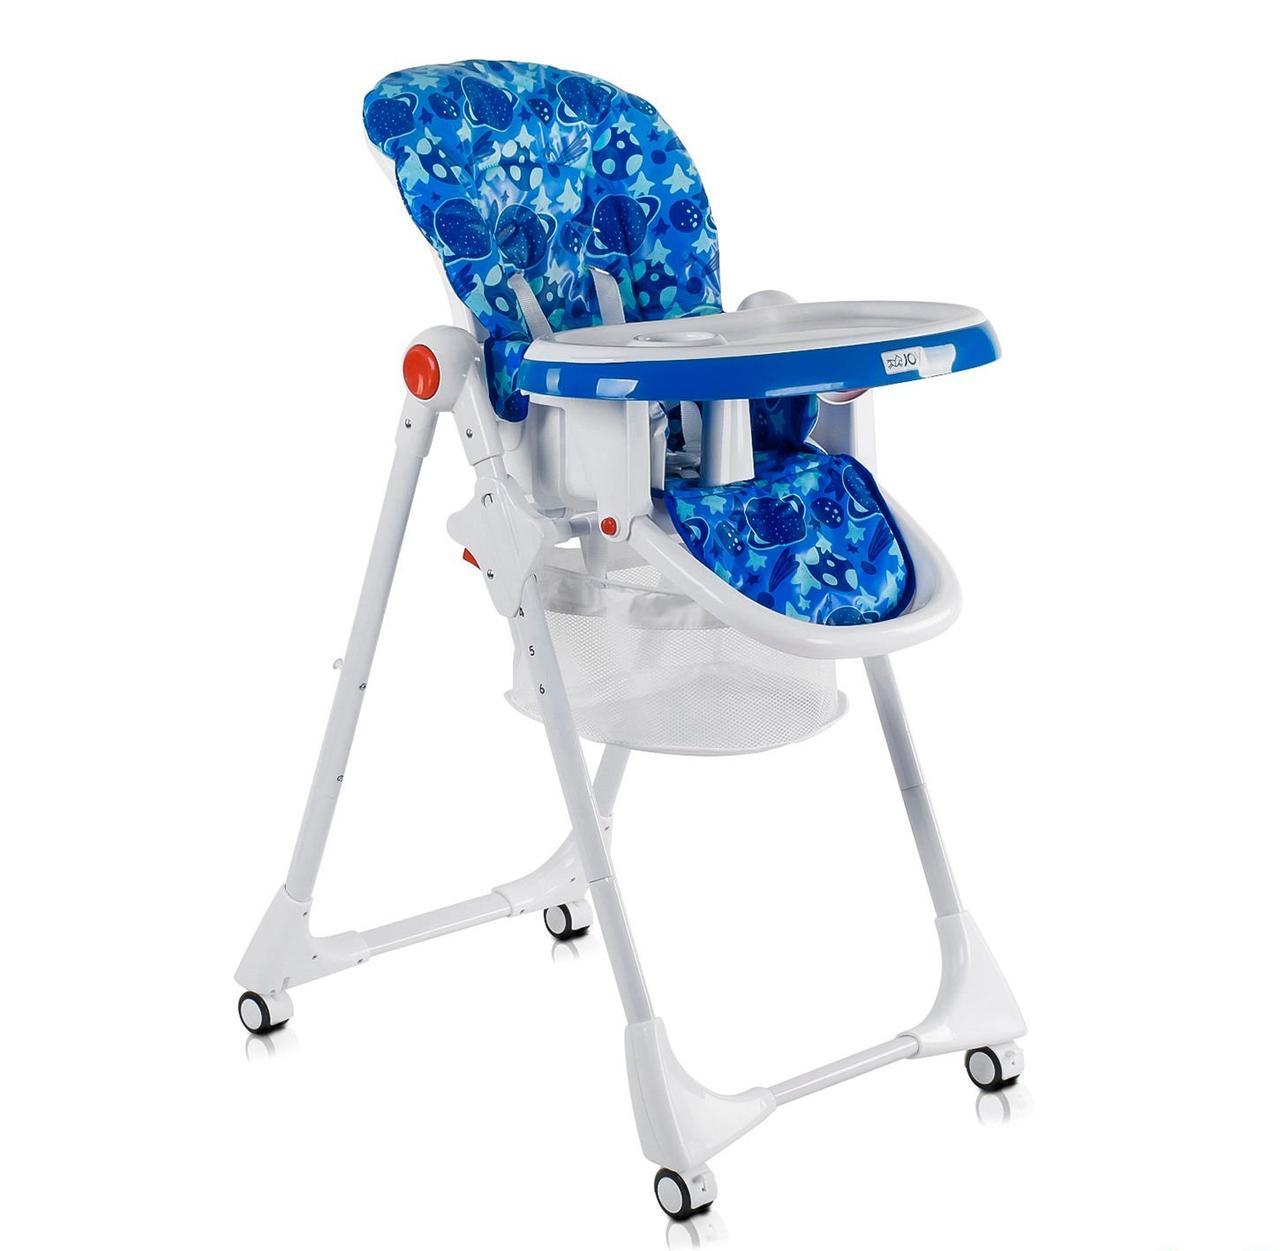 """Дитячий стільчик для годування від 6-ти місяців зі знімним підносом JOY ДО-22810 """"Космос"""" колір синій"""